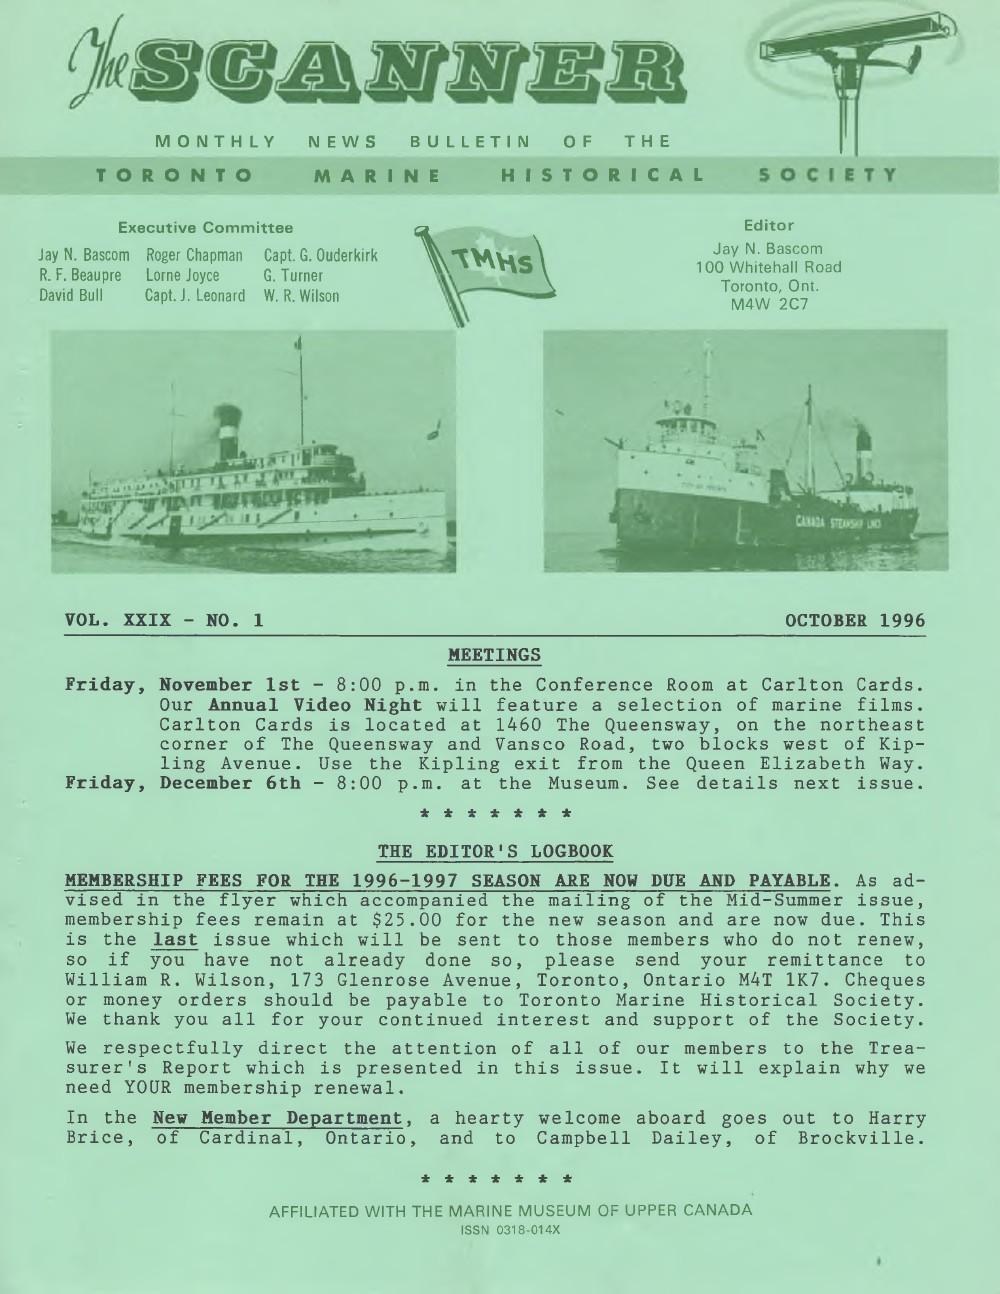 Scanner, v. 29, no. 1 (October 1996)